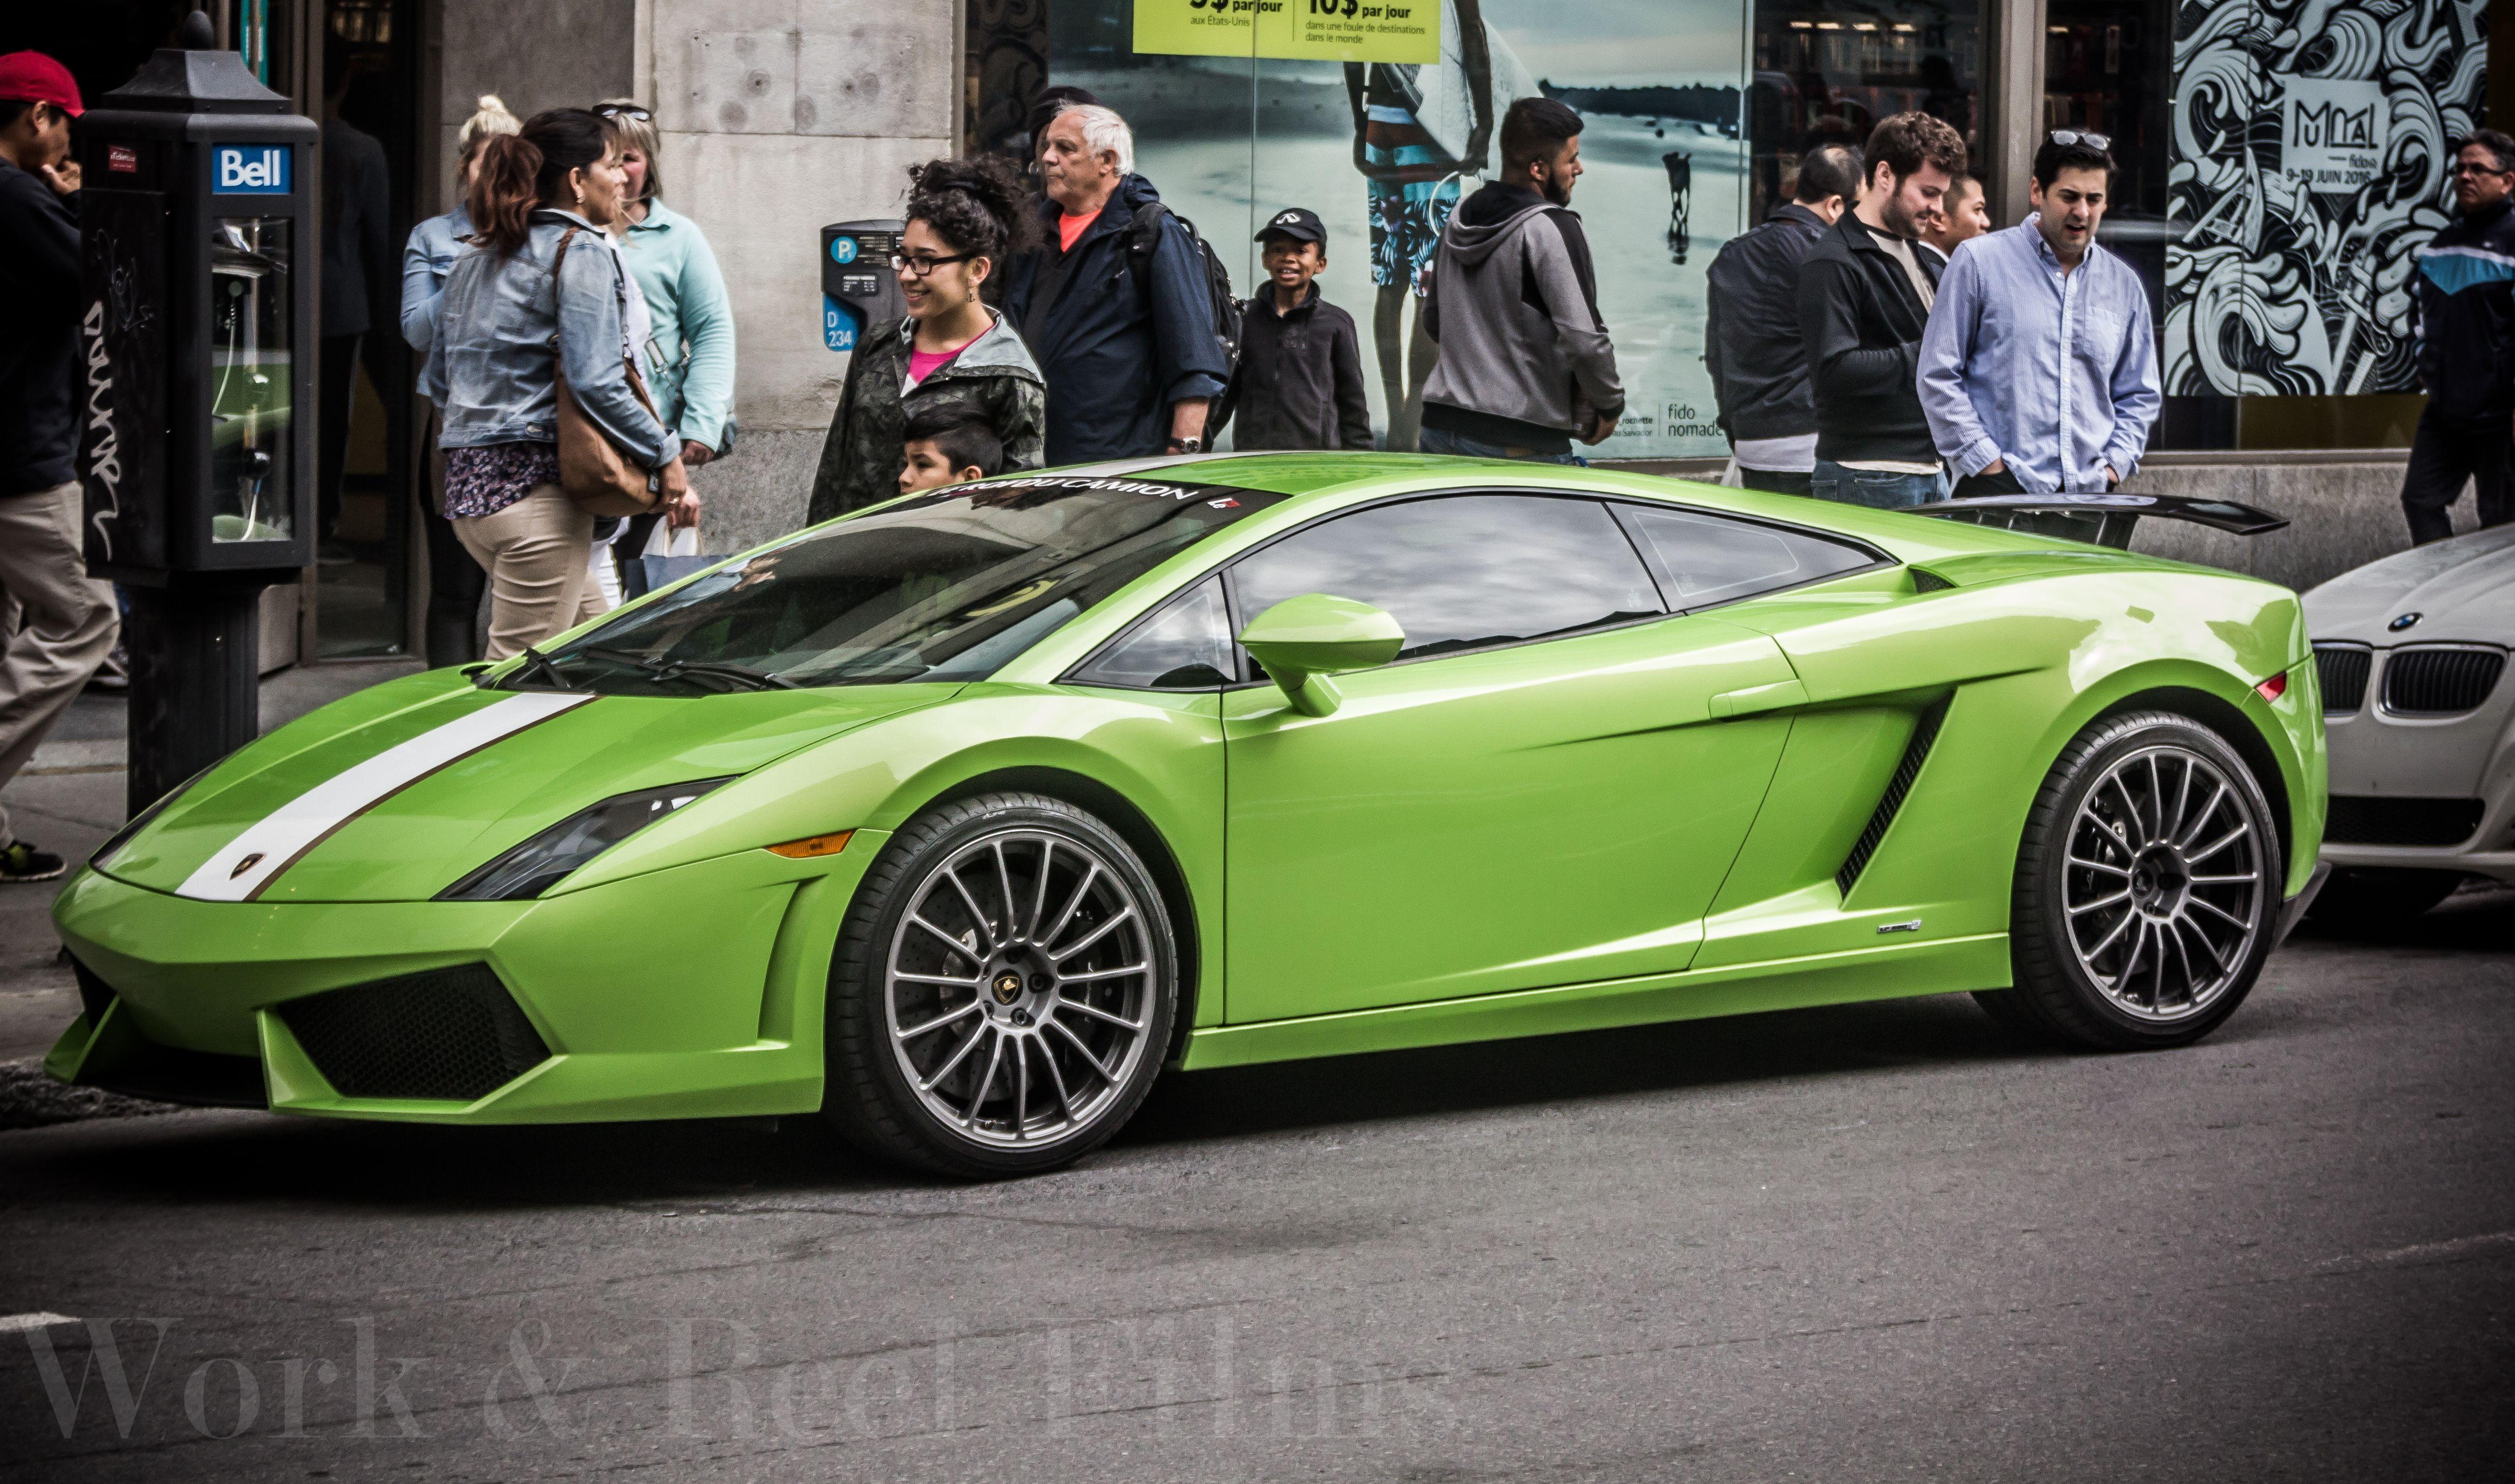 Lamborghini Gallardo Grand Prix Montreal Events